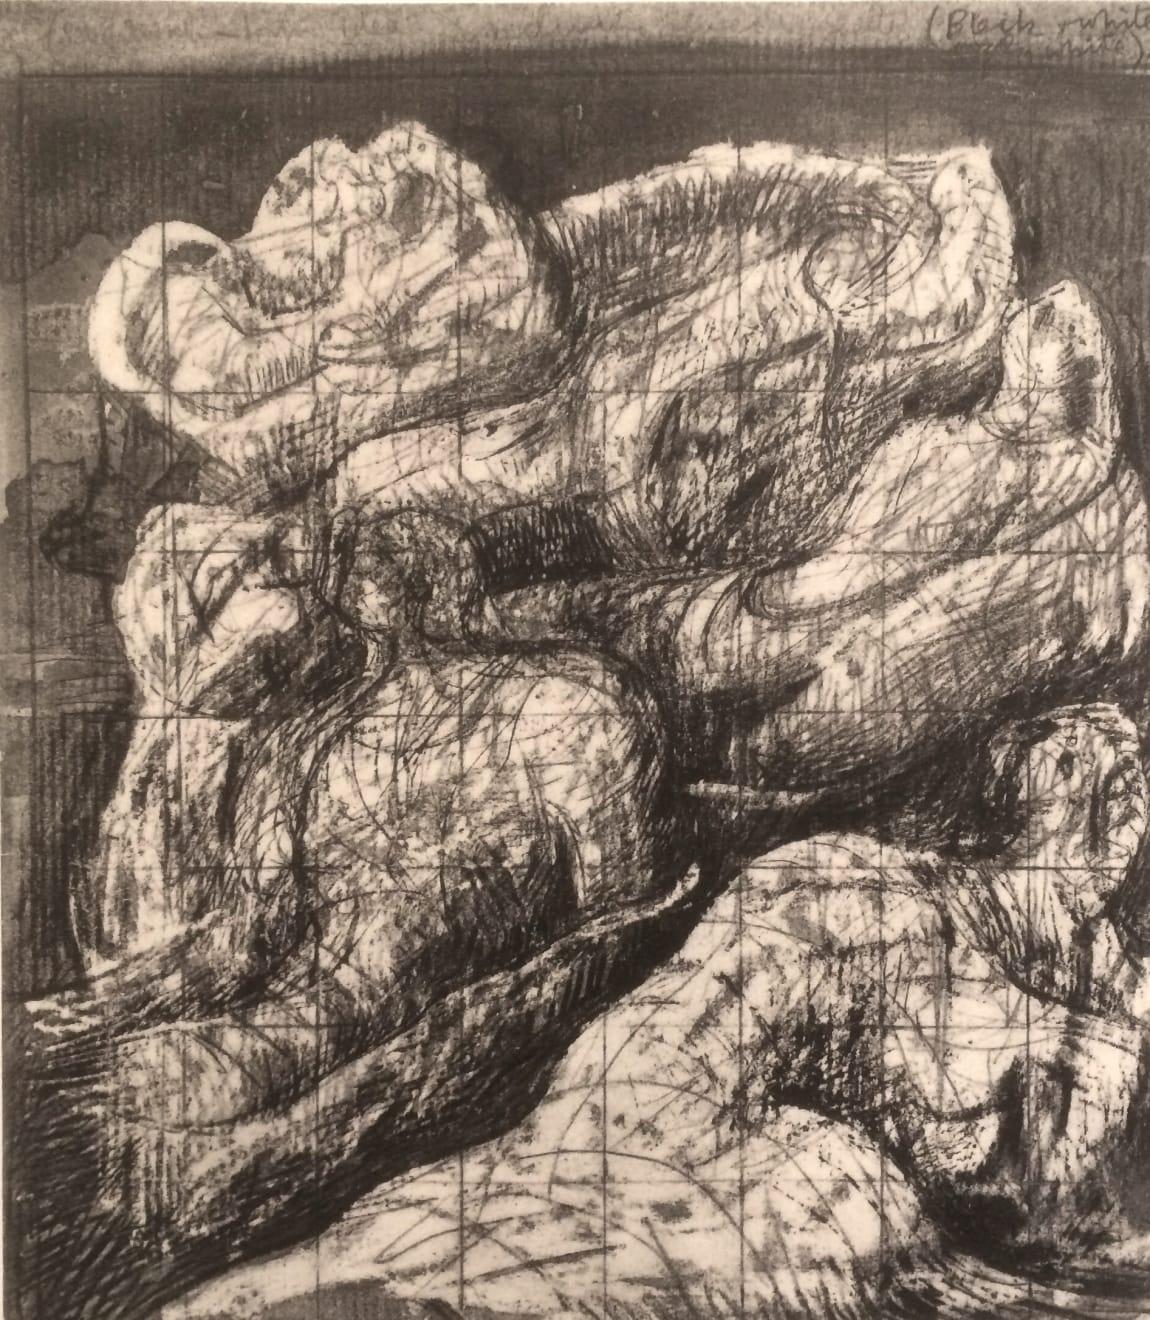 Henry Moore, Untitled XLIII (Shelter Sketchbook), 1967